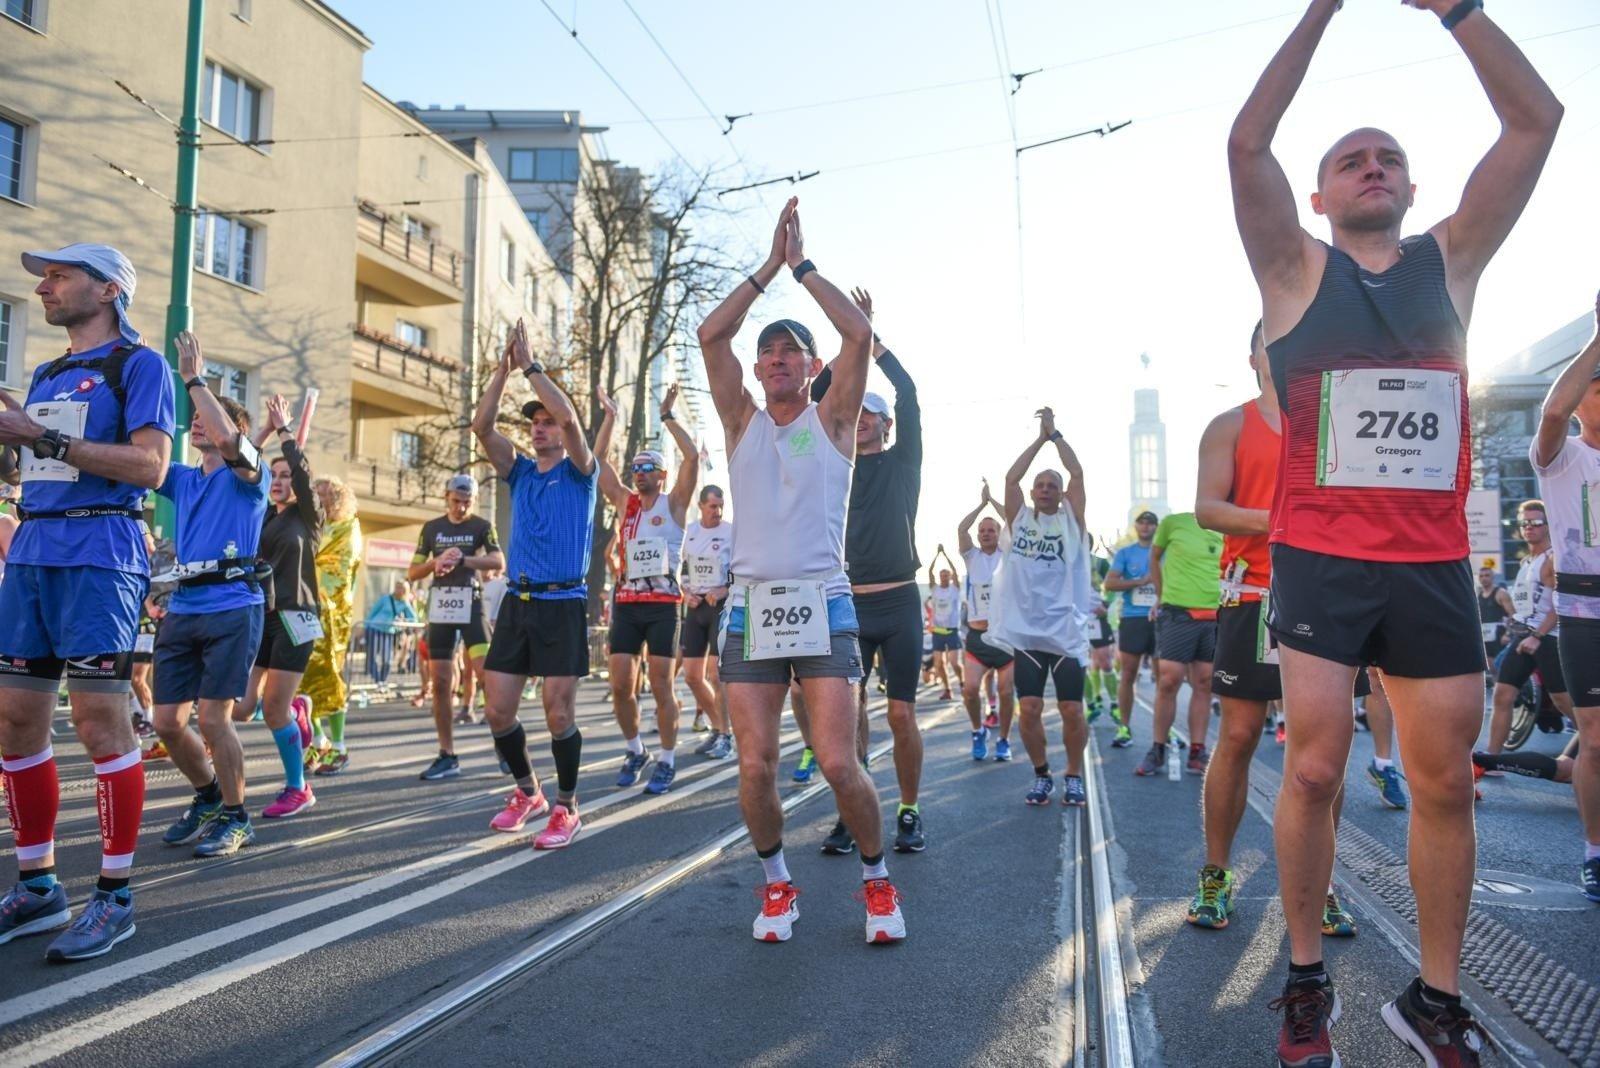 Maraton W Poznaniu 2019 Zamkniete Ulice Zmiany Mpk I Utrudnienia